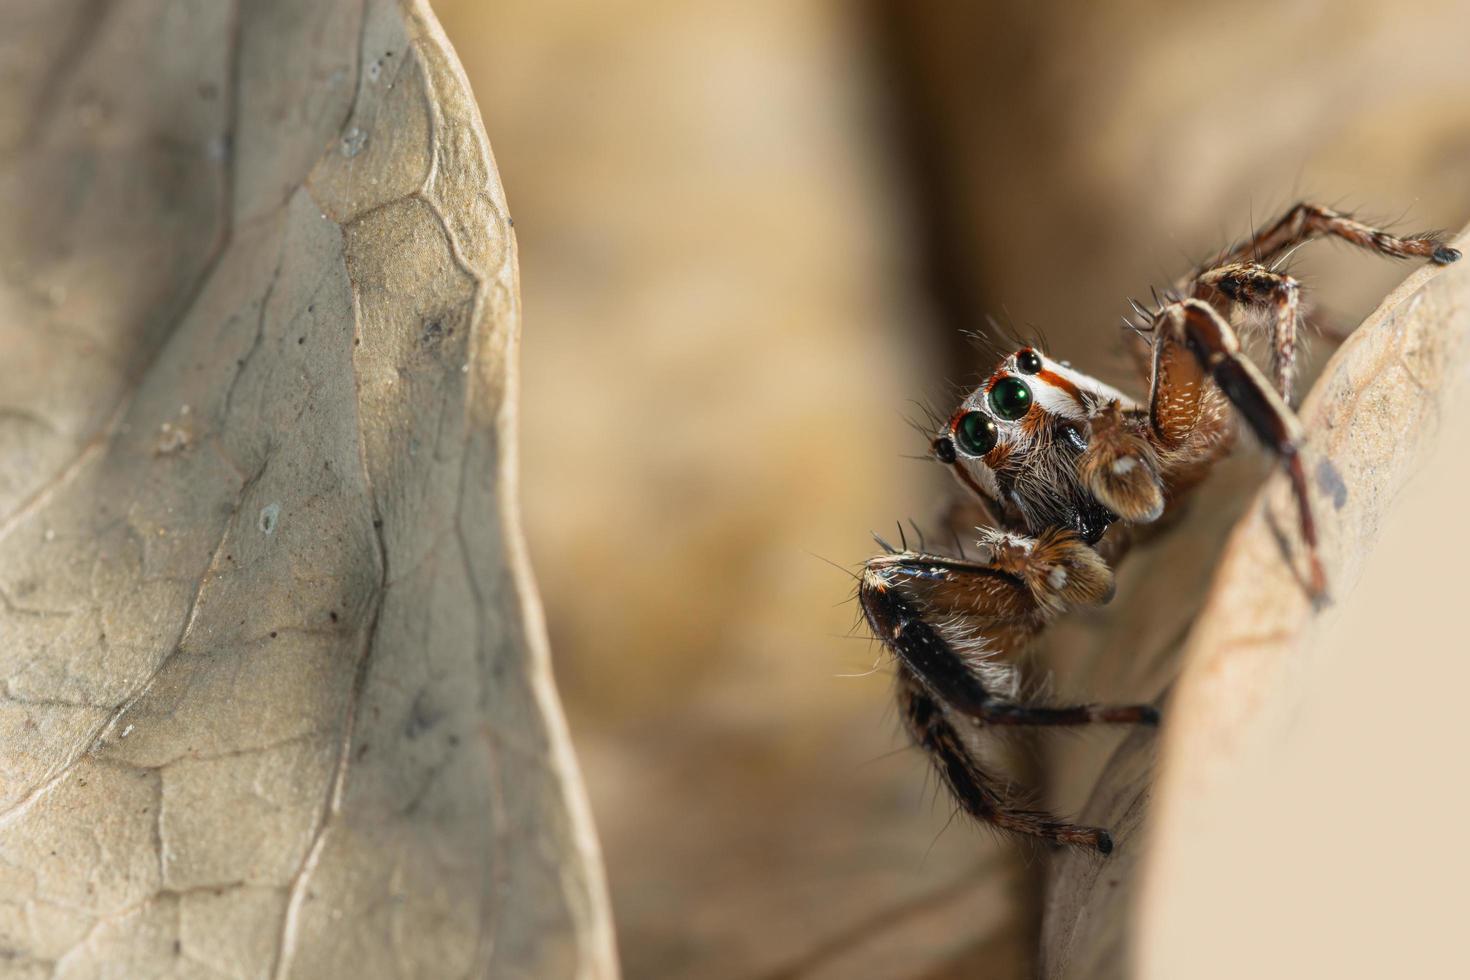 braune springende Spinne auf einem trockenen Blatt foto